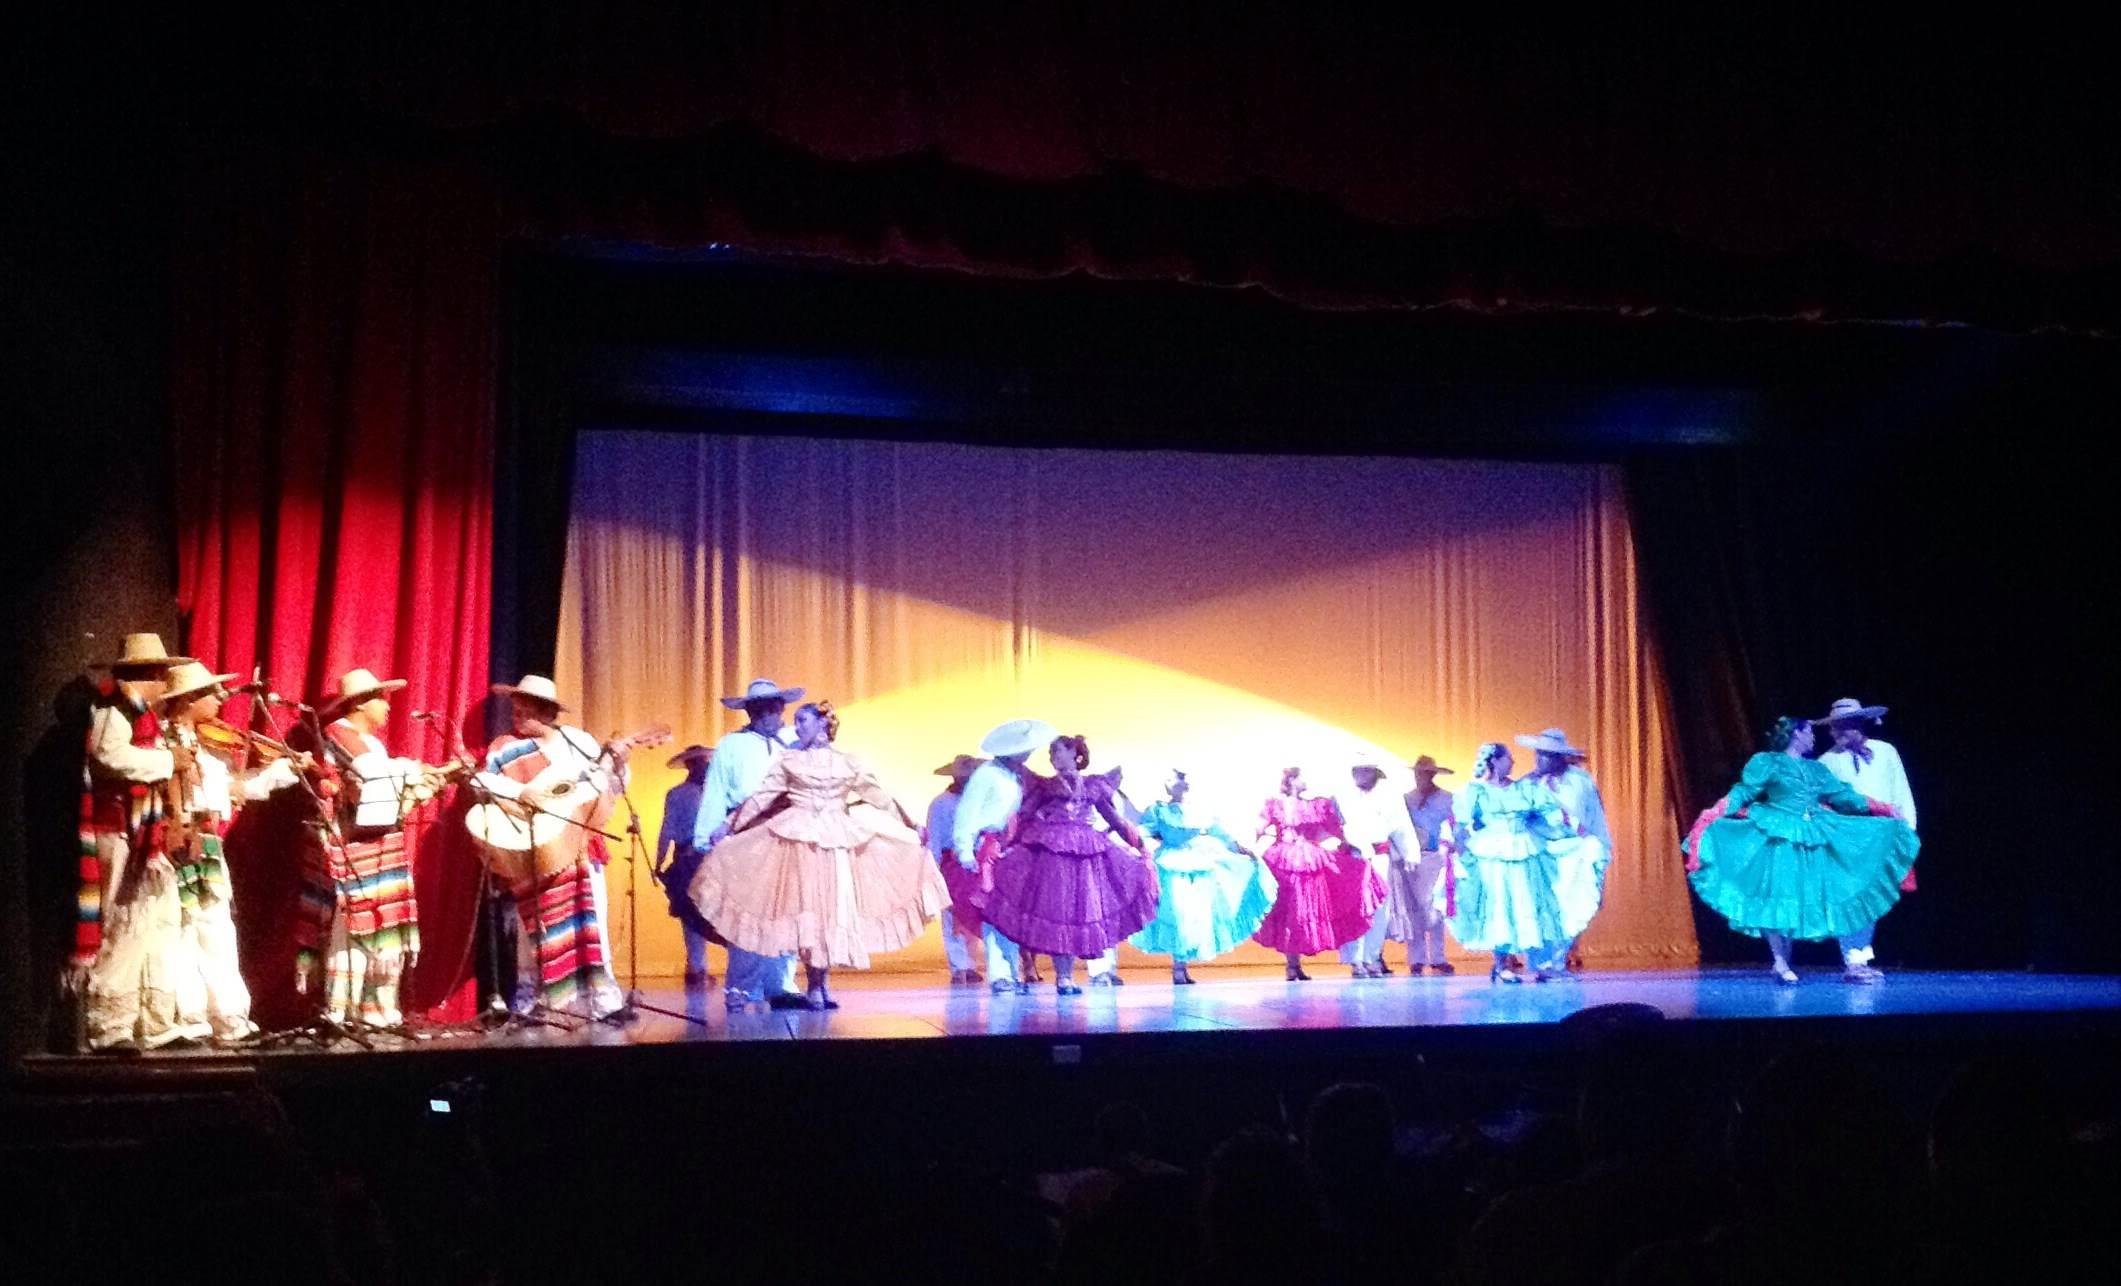 Noche de danza y tradiciones con la Compañía Kaambal